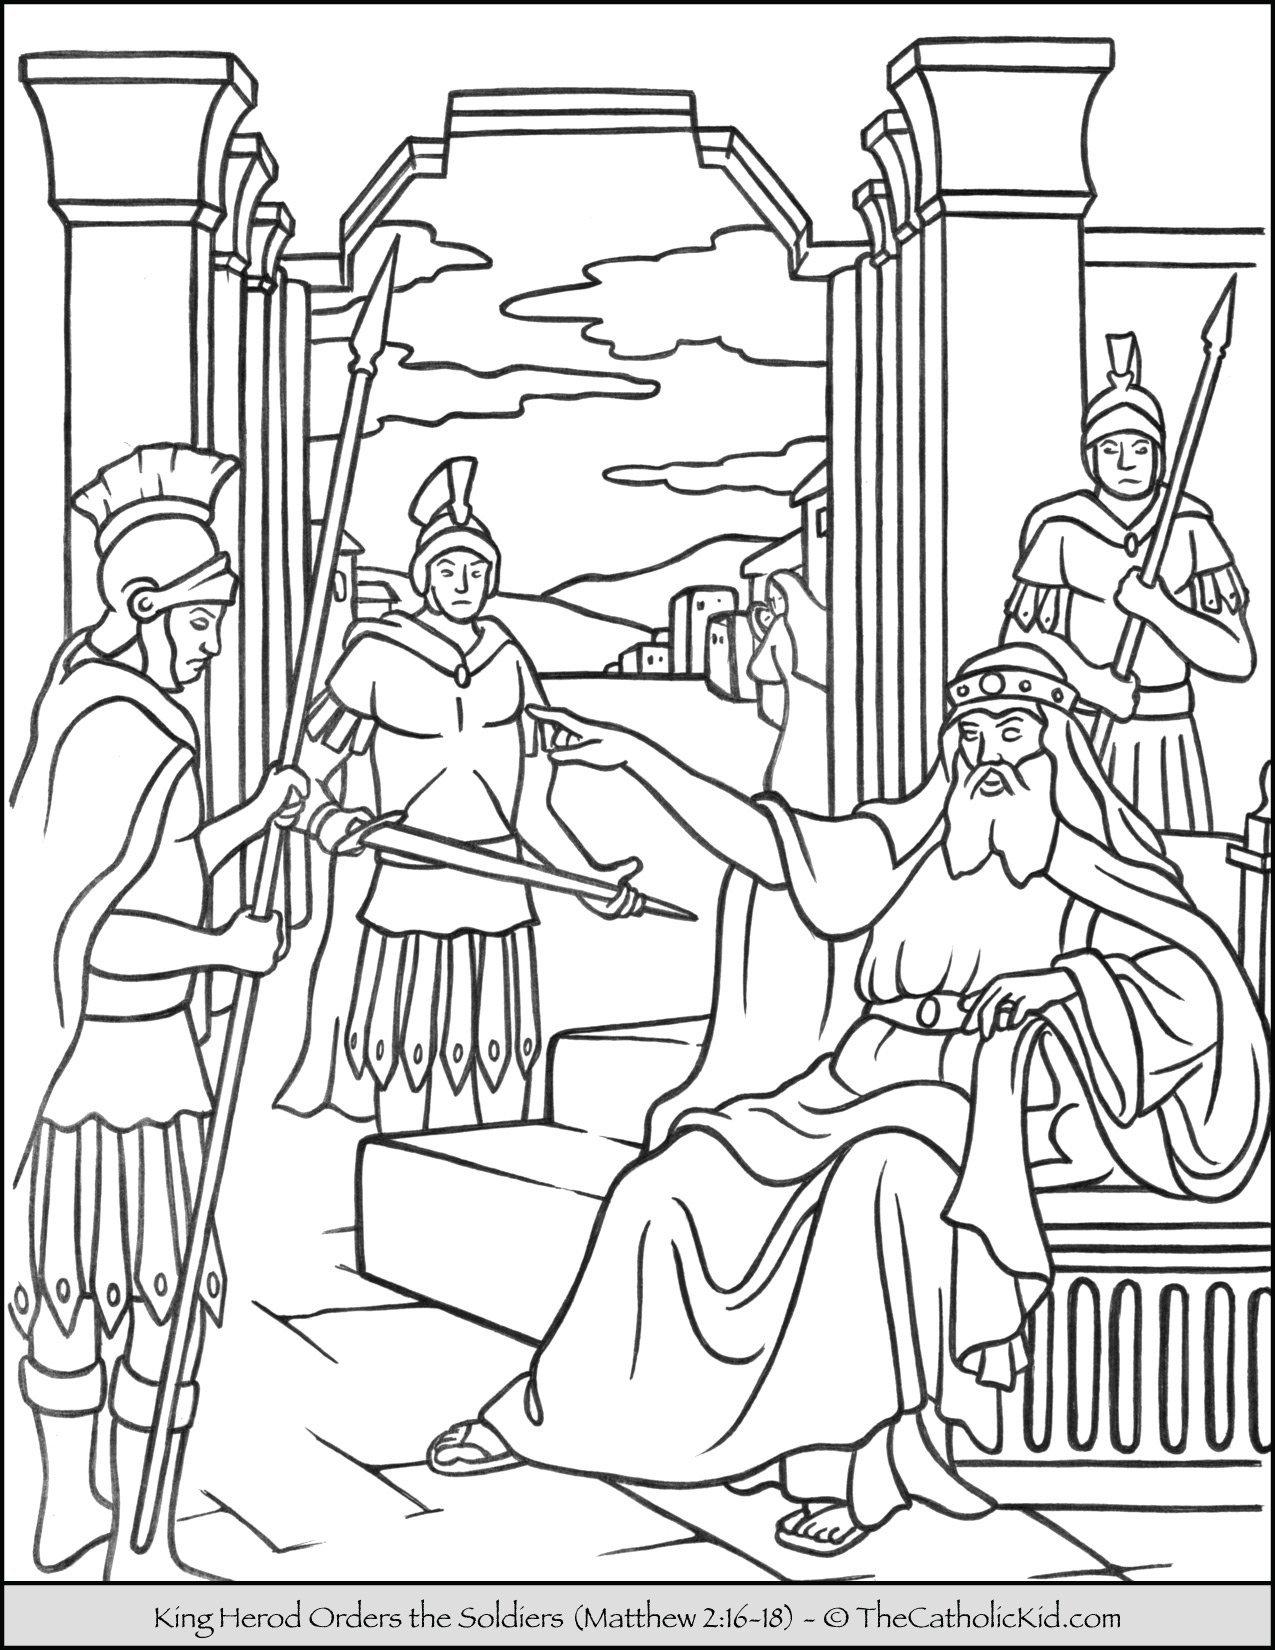 King Herod Orders the Soldiers